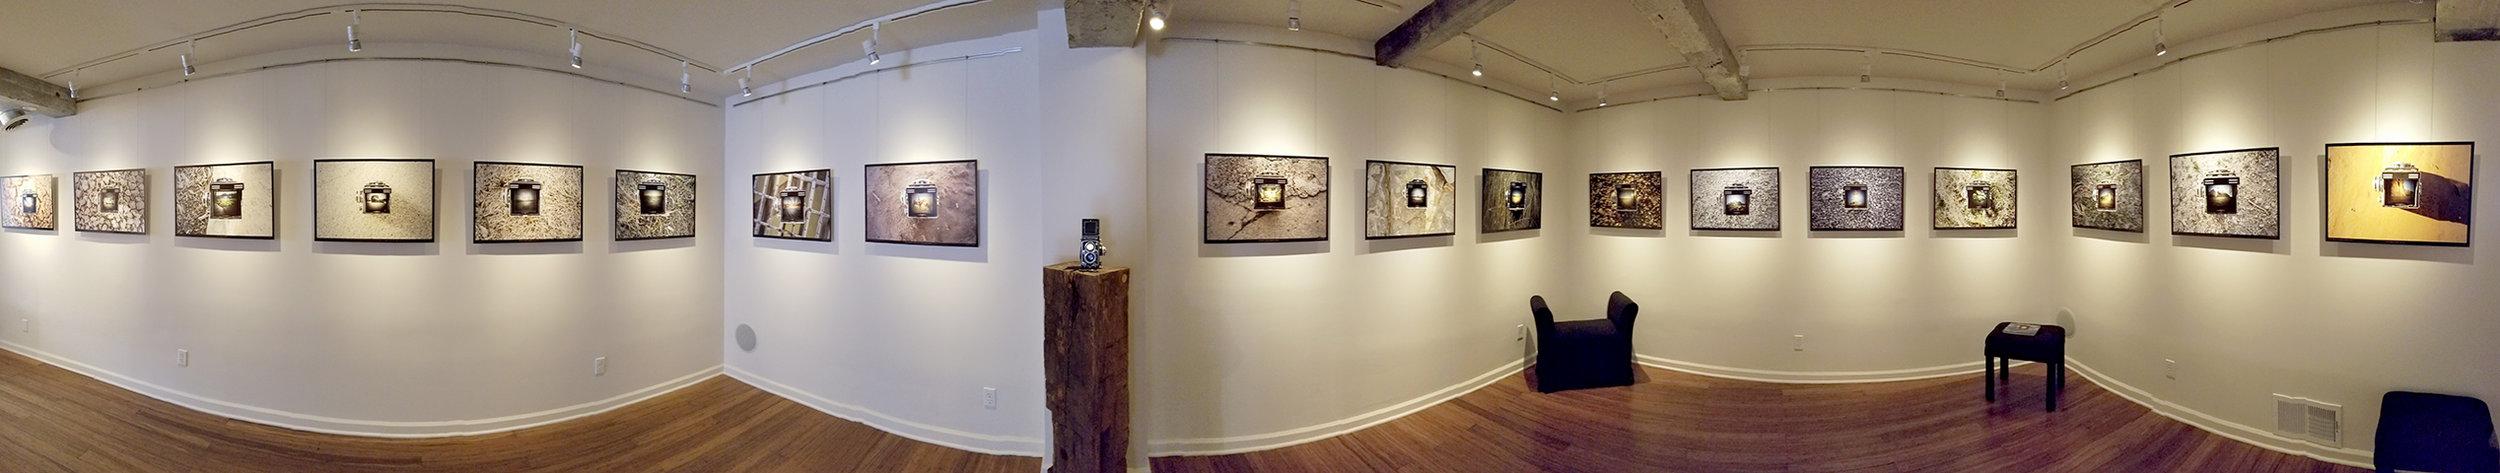 130849 Gallery view.jpg